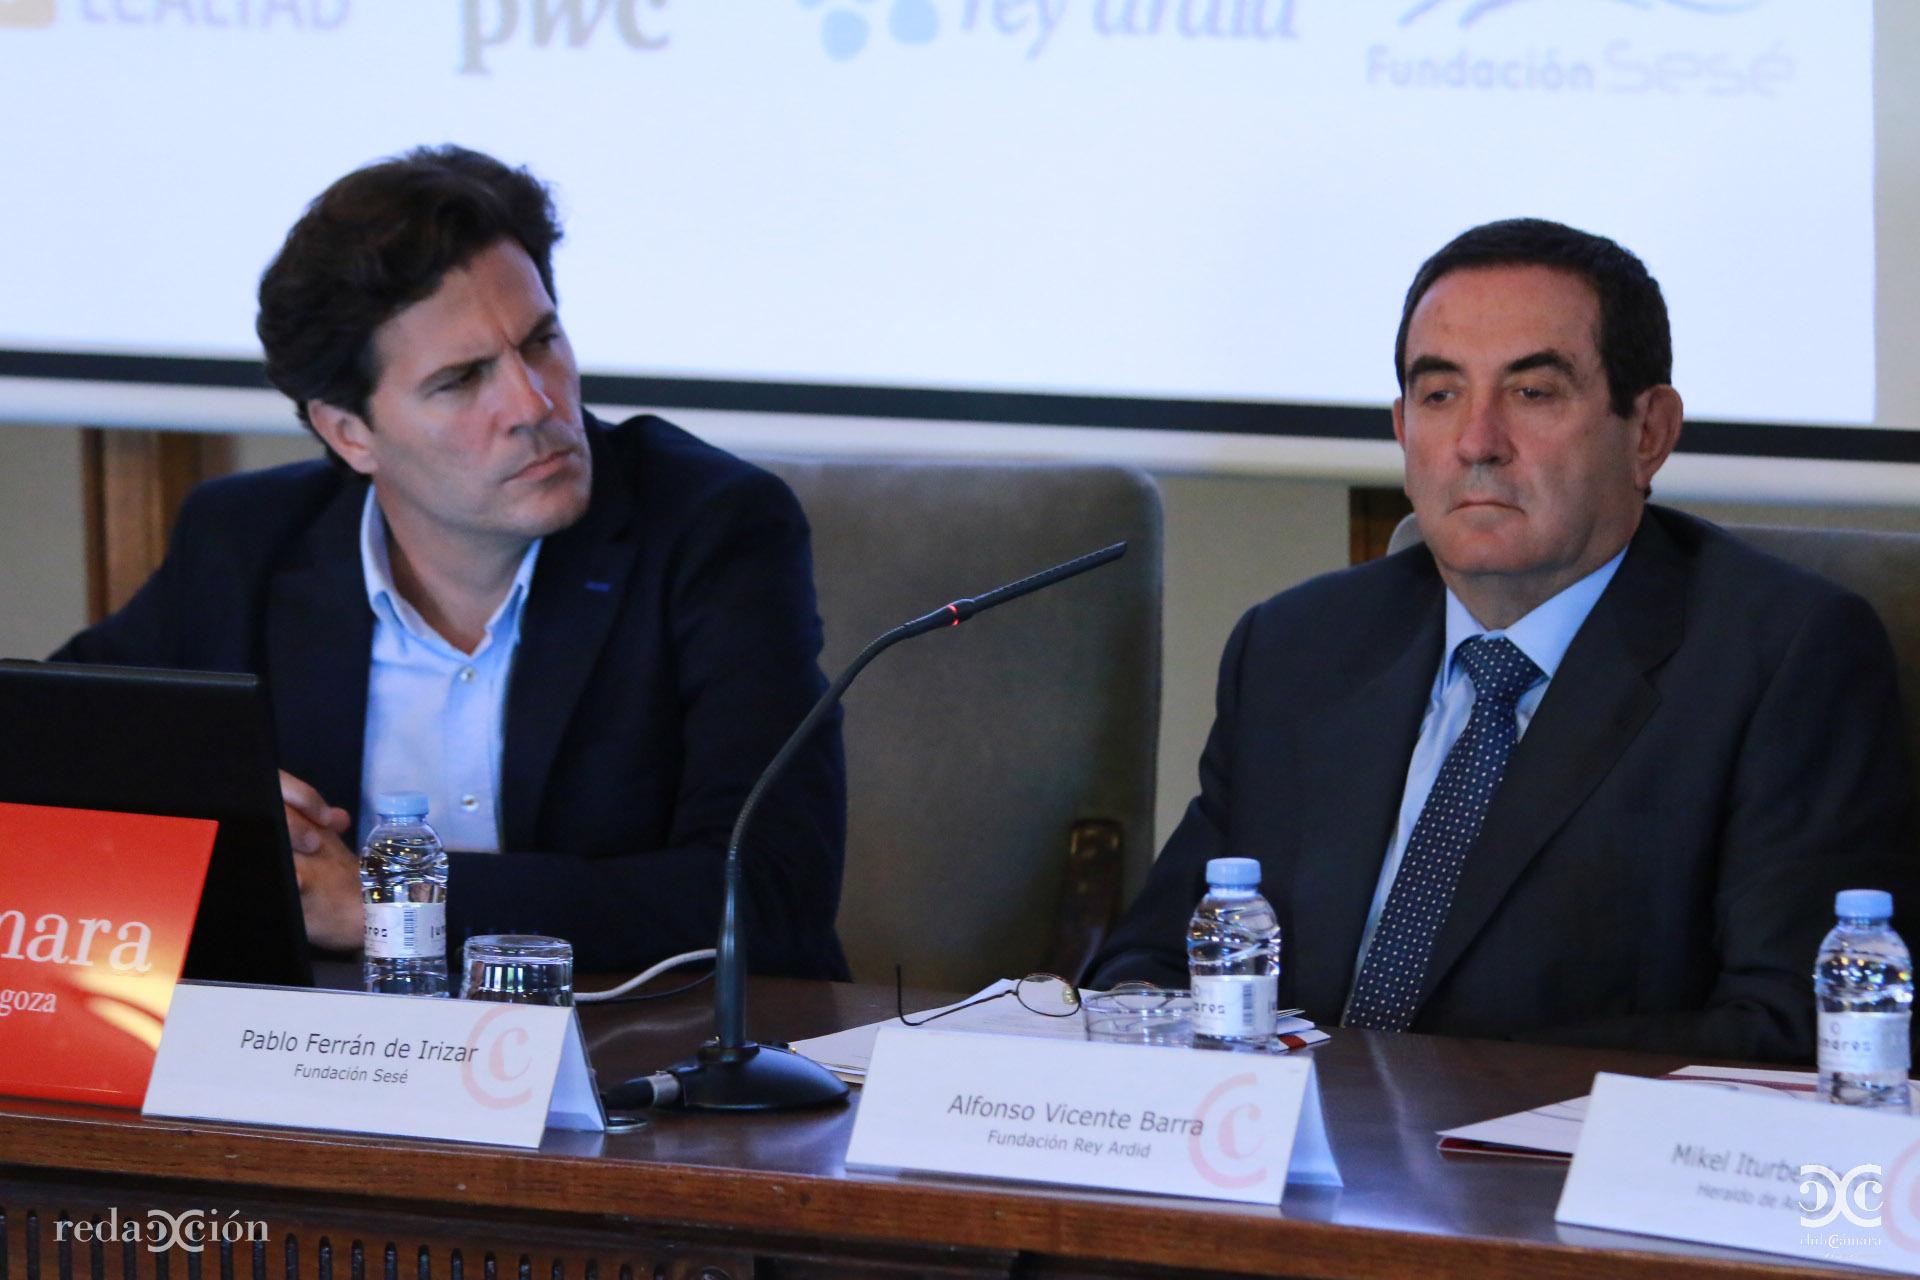 Pablo Ferrán de Irizar, Alfonso Vicente,